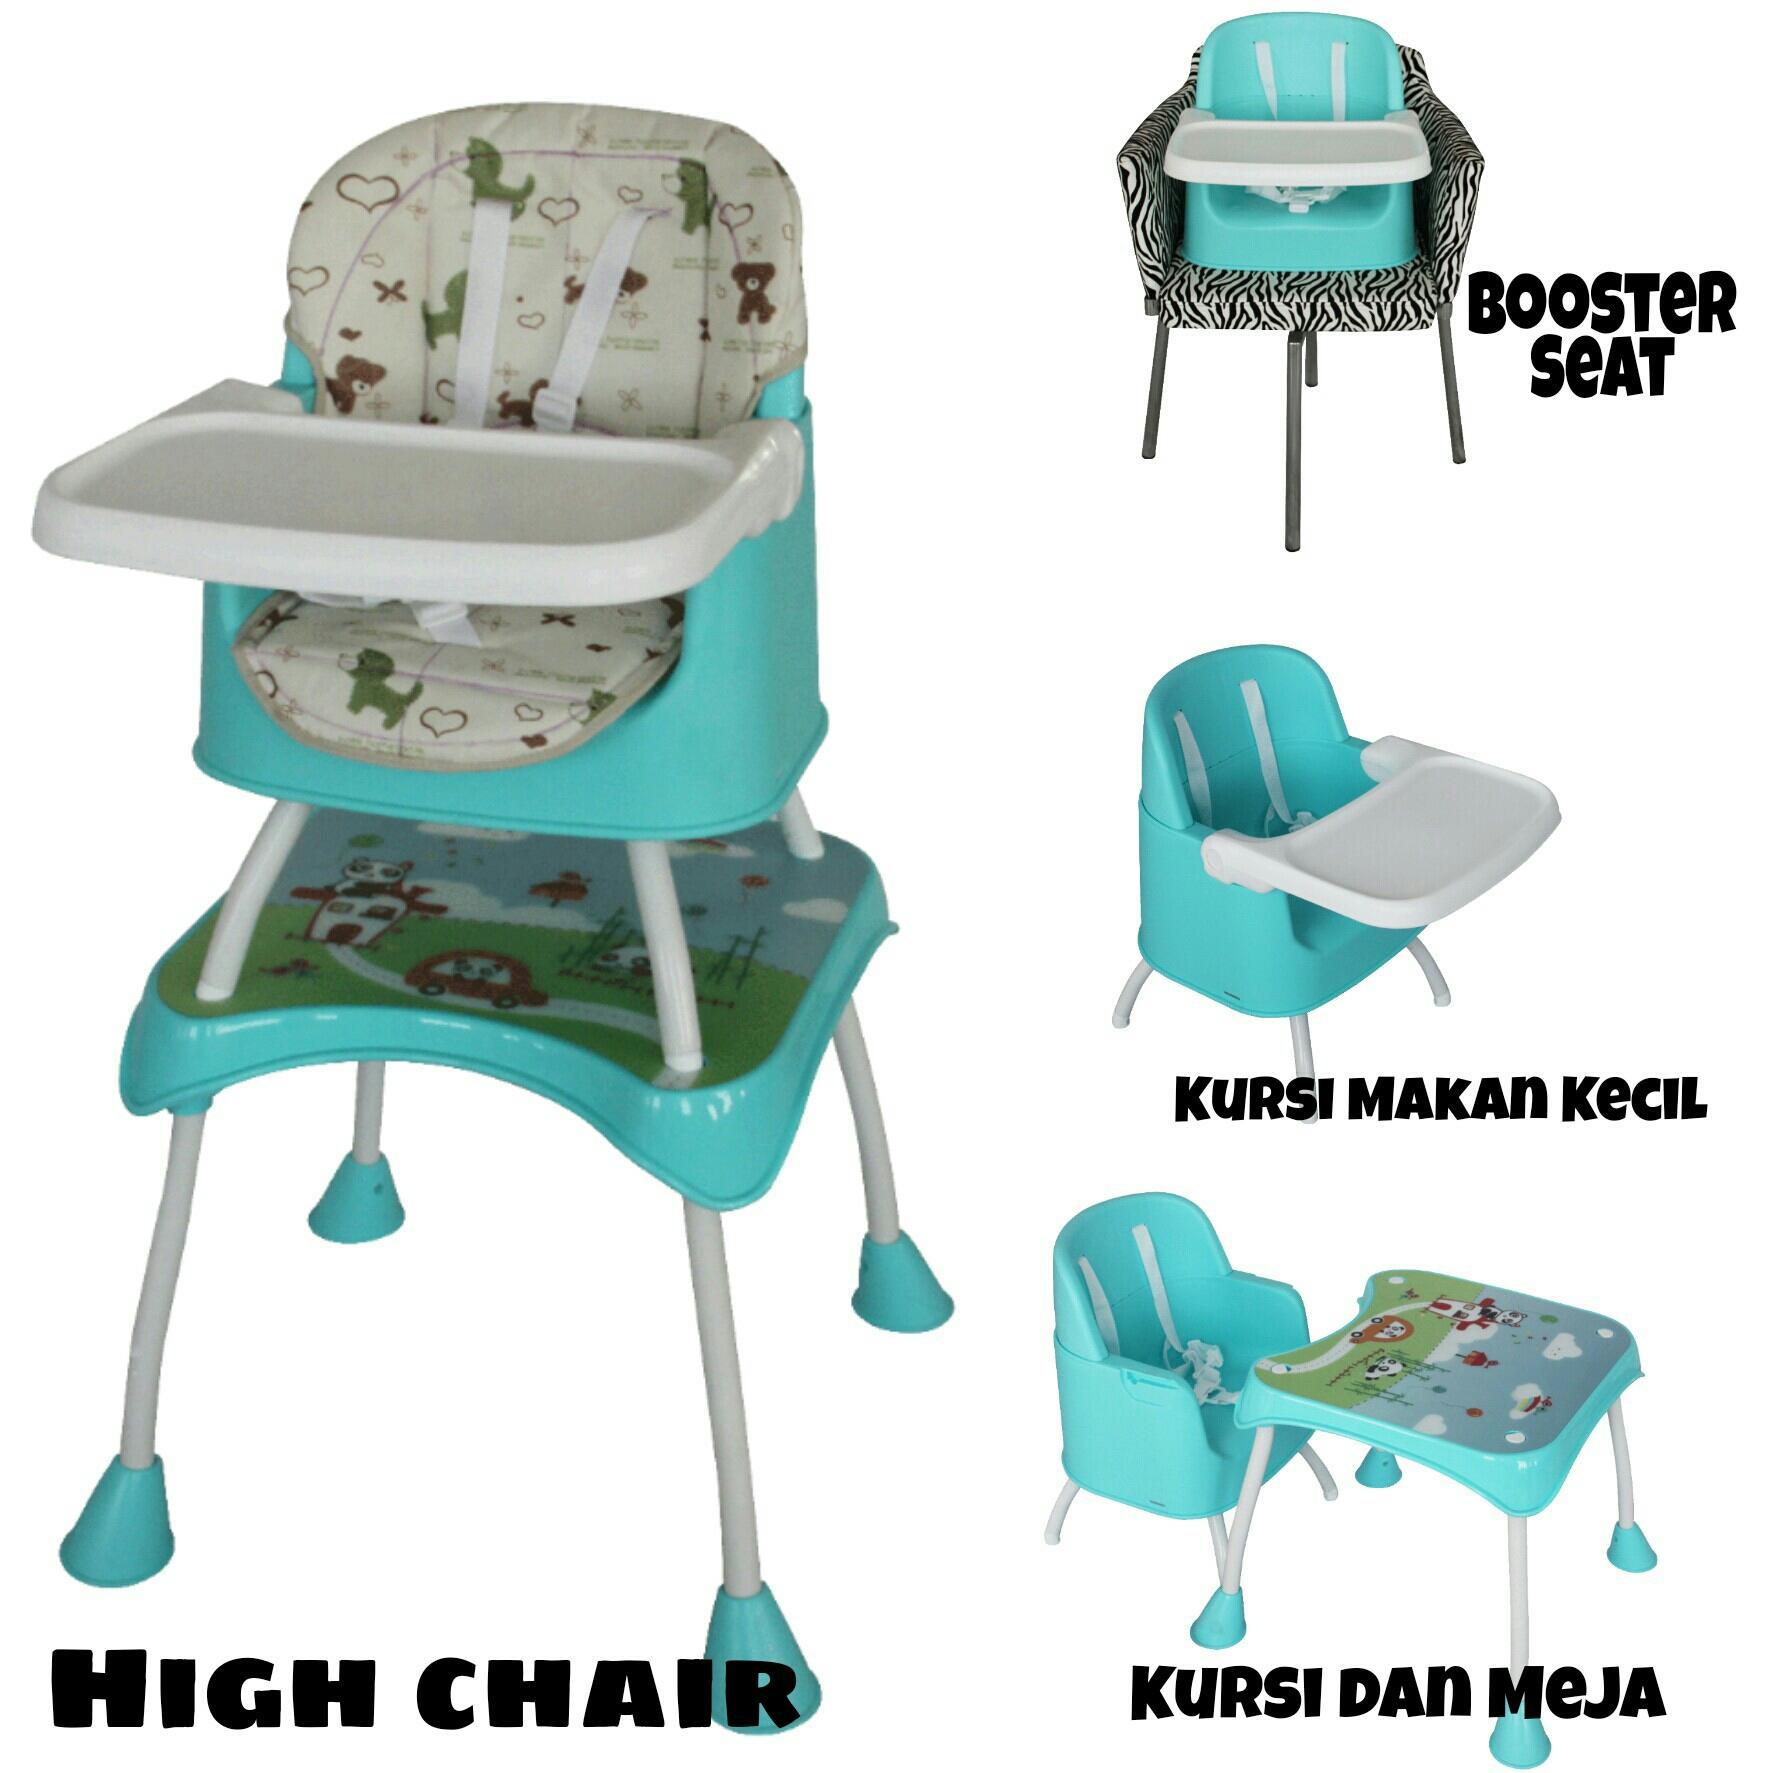 BabySafe High Chair & Booster Seat - Kursi Makan Bayi